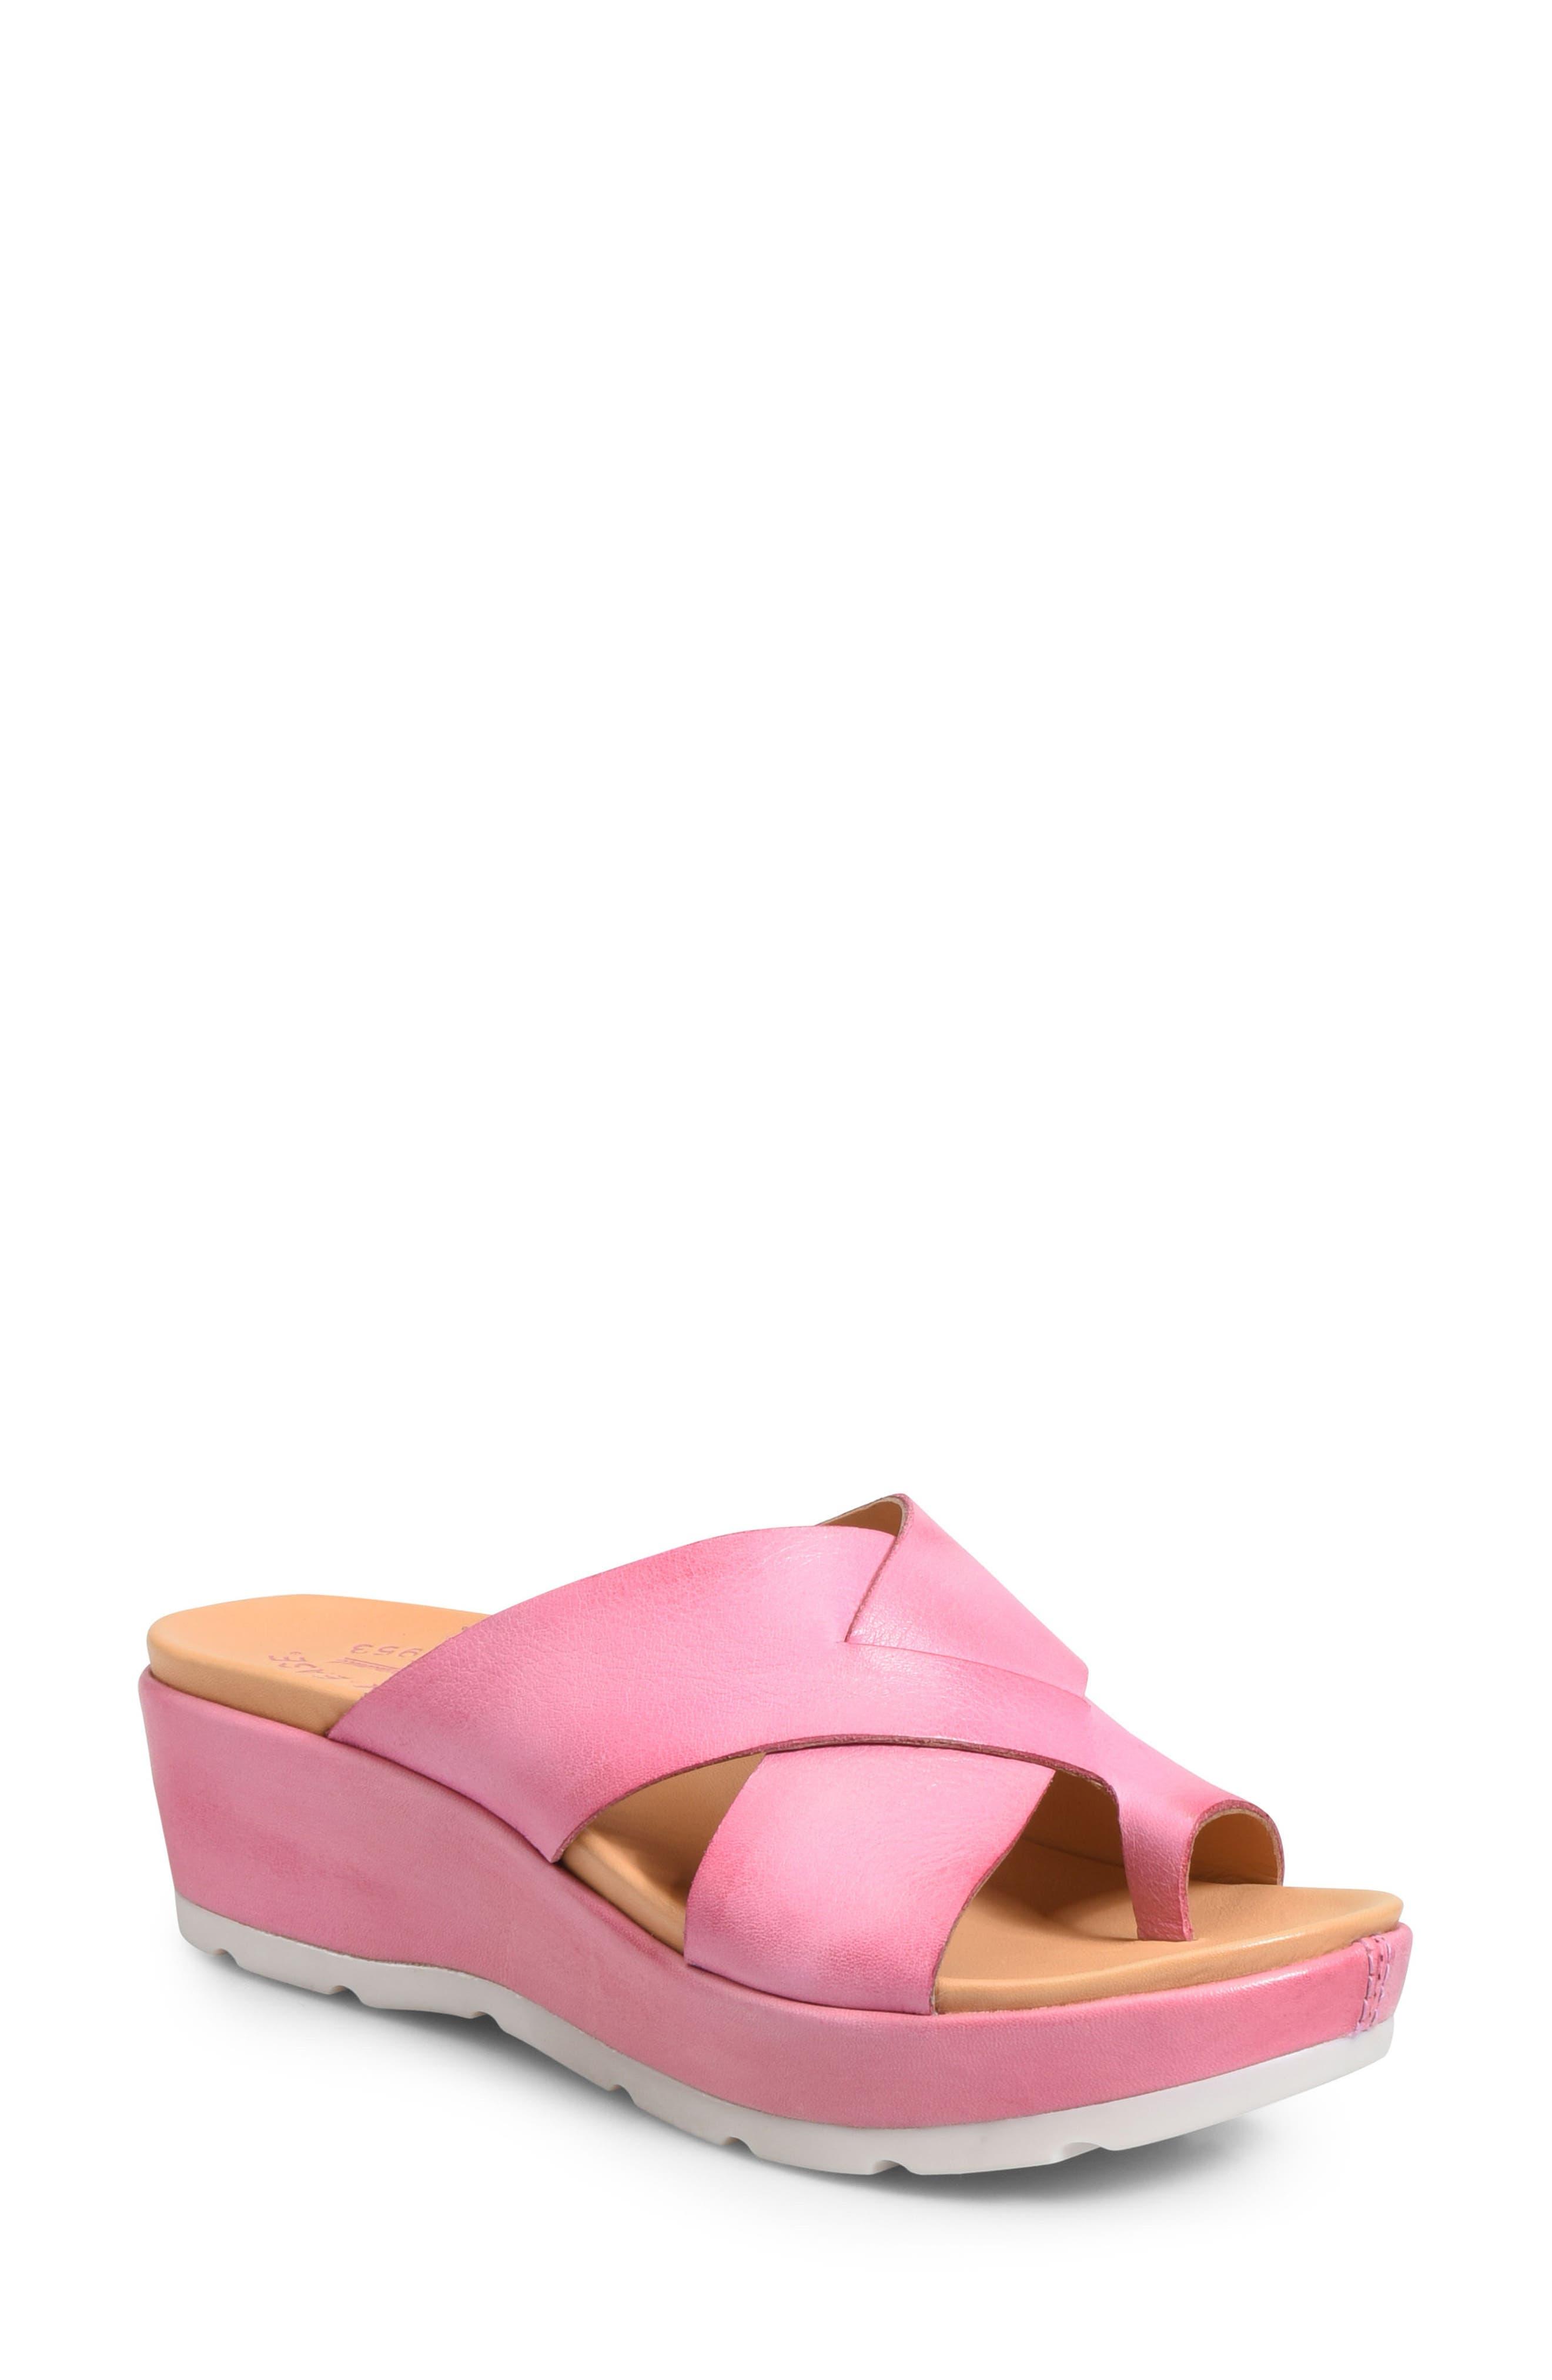 Women's Kork-Ease Baja Wedge Sandal